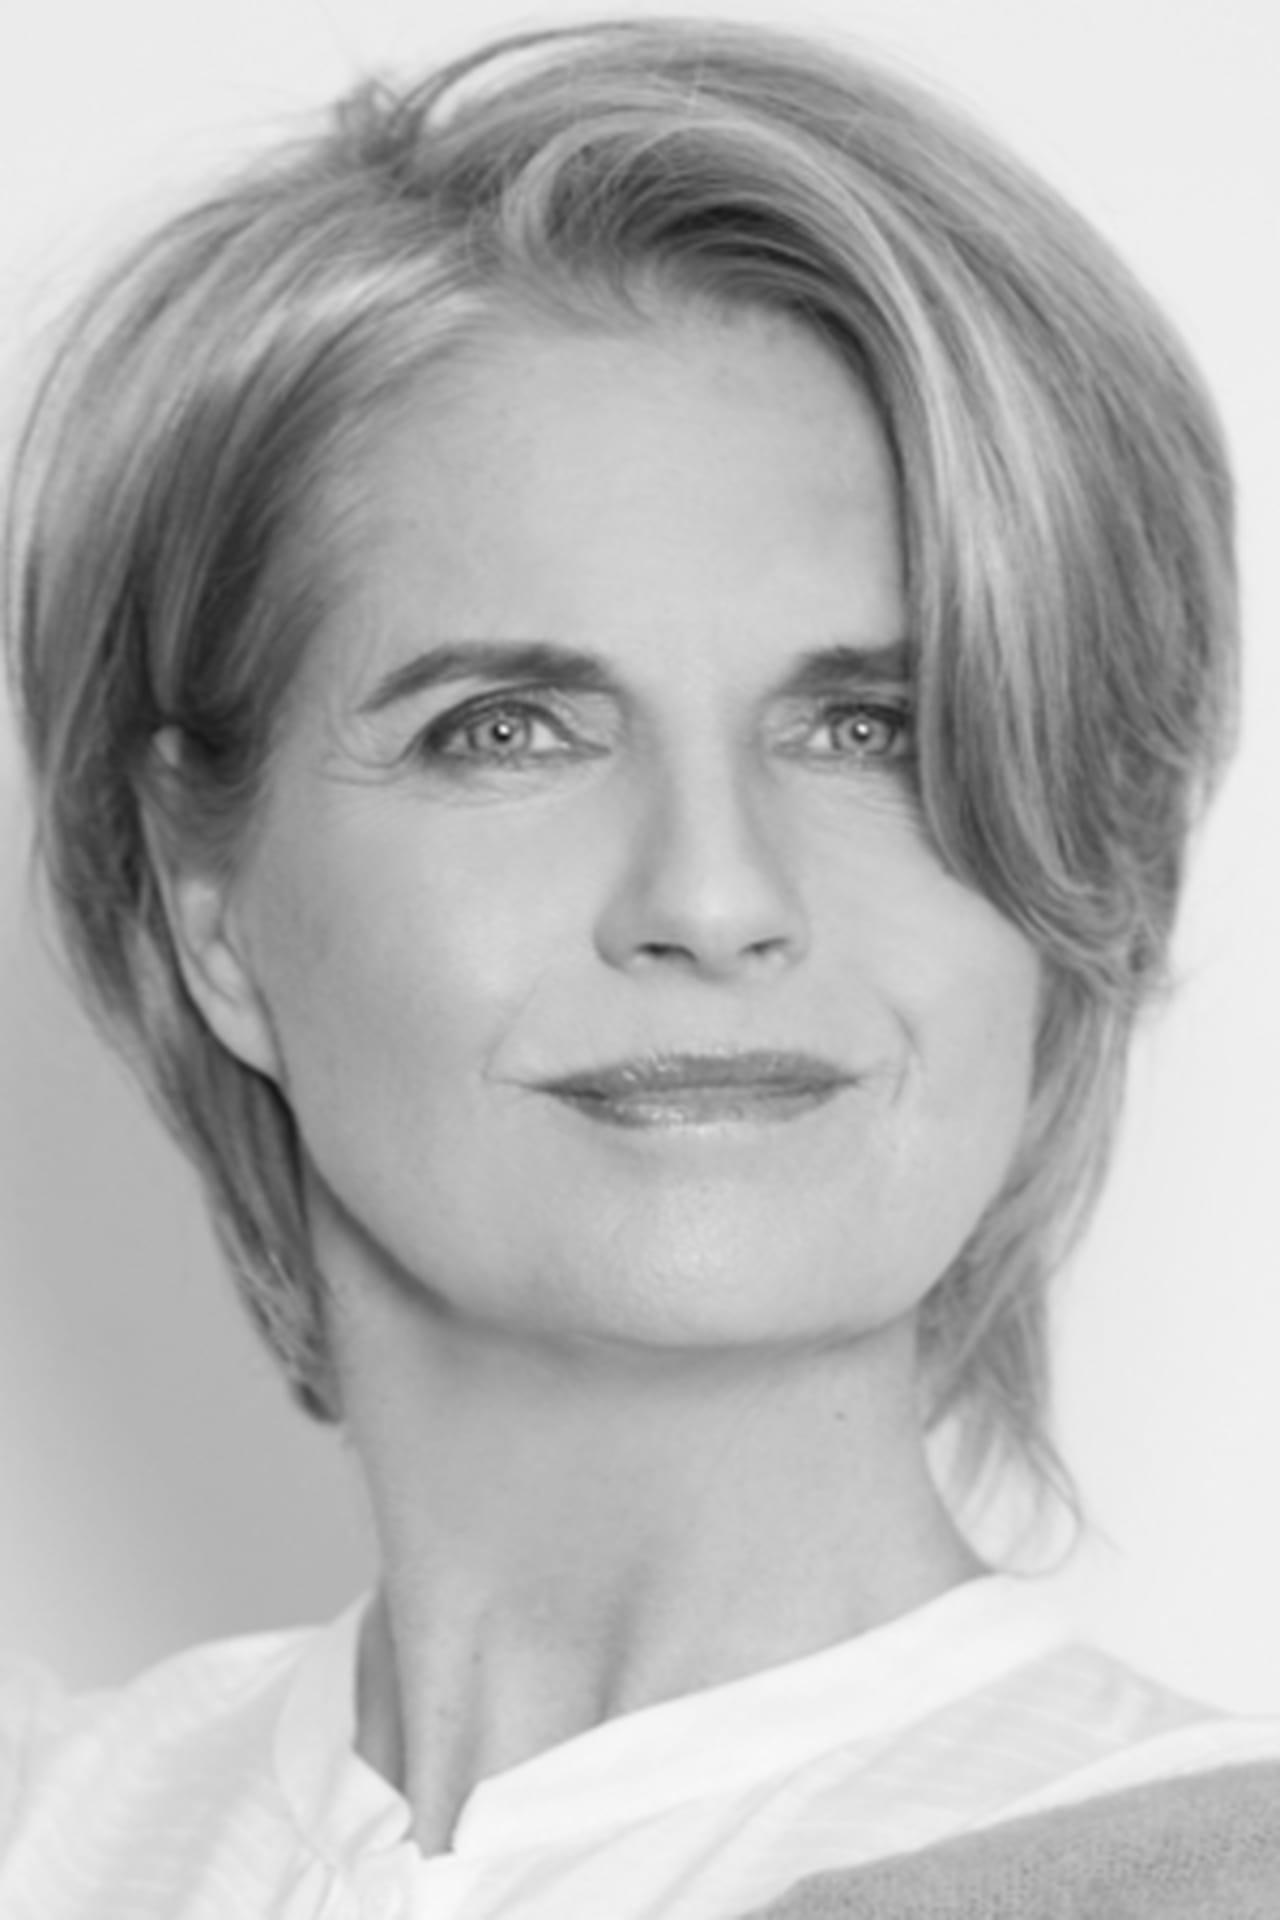 Edda Björgvinsdóttir isInga